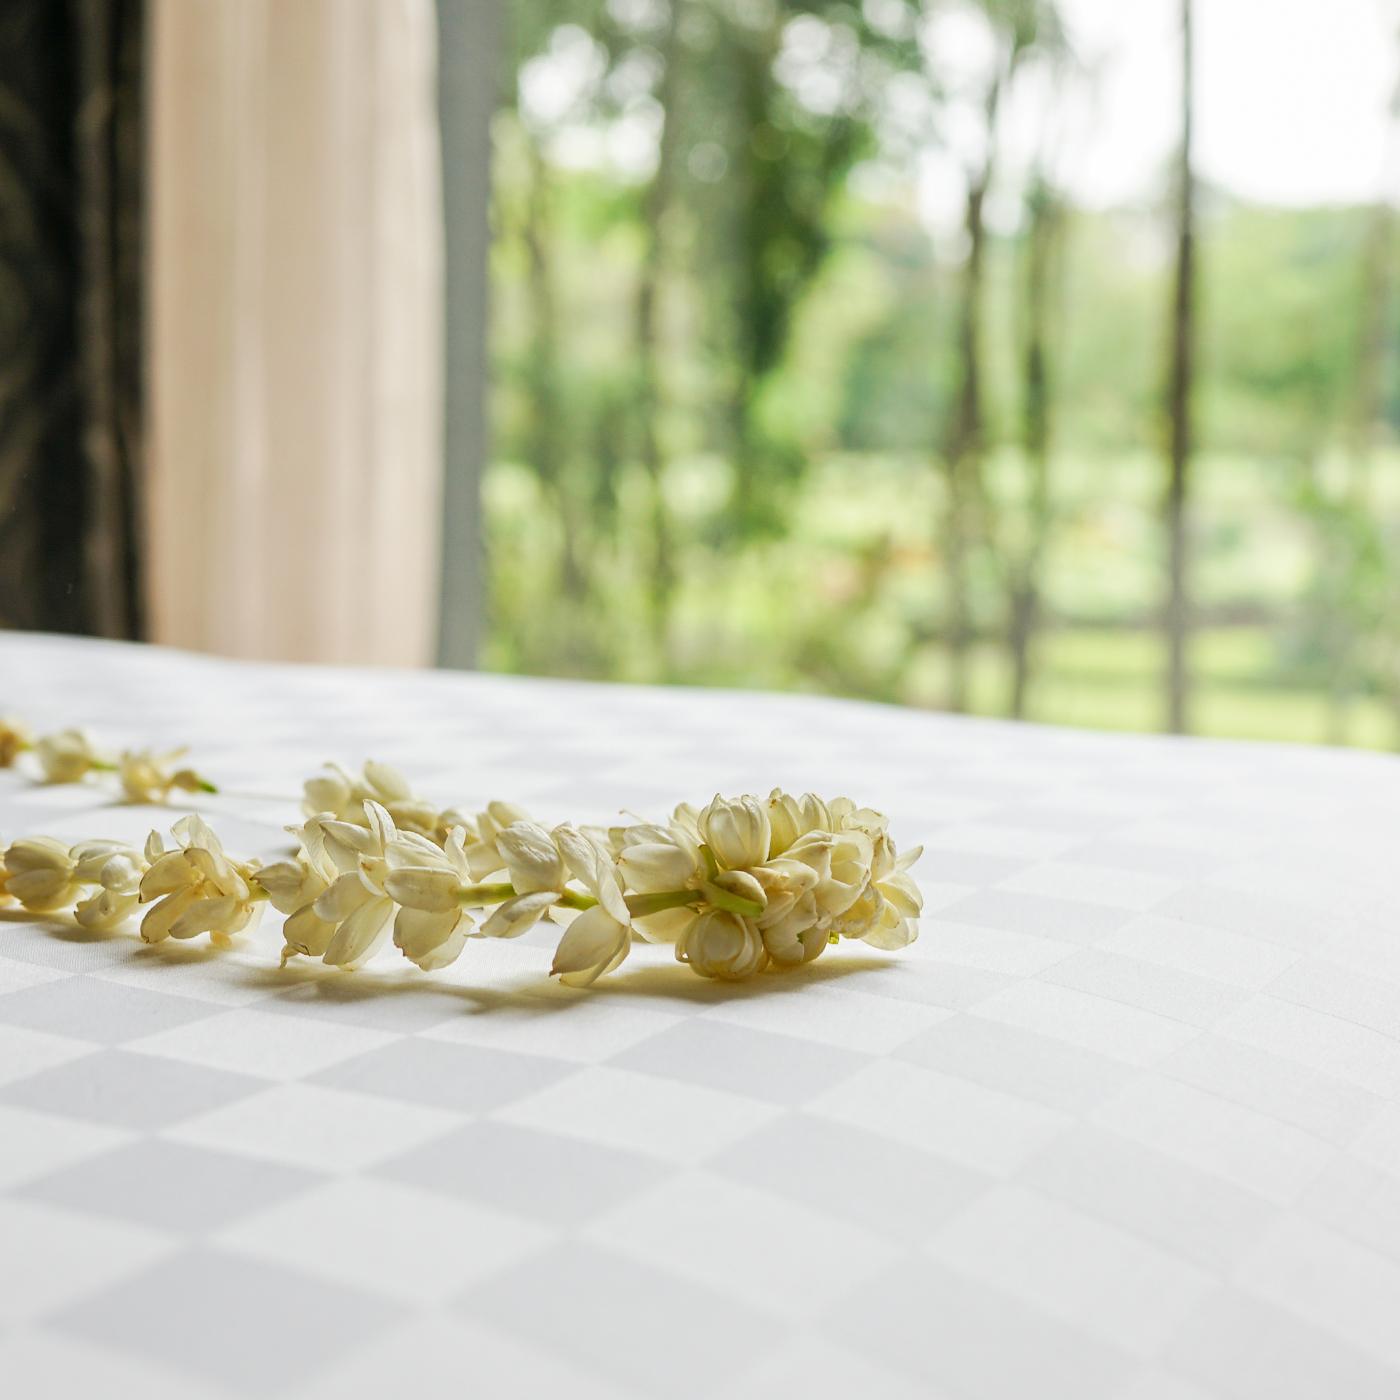 歓迎のセレモニーとして首にかけられるジャスミンの首飾り。上品な香りが気分を盛り上げる。